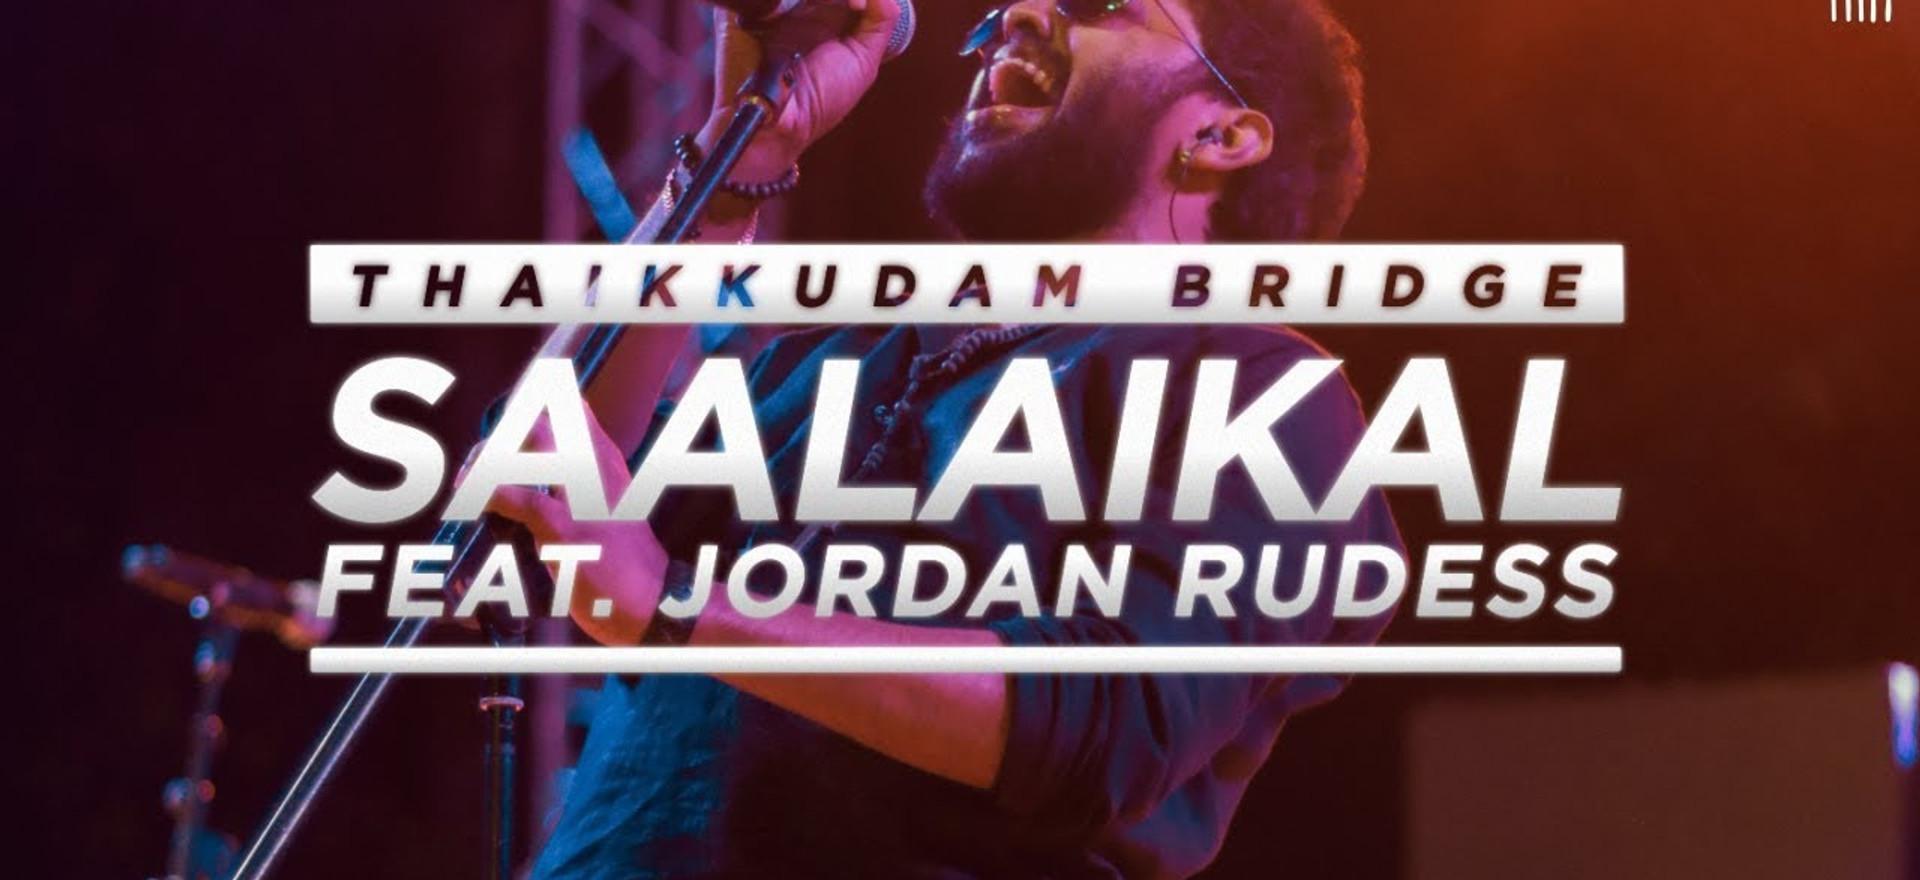 SAALAIKAL Feat JORDAN RUDESS | Thaikkudam Bridge | NAMAH